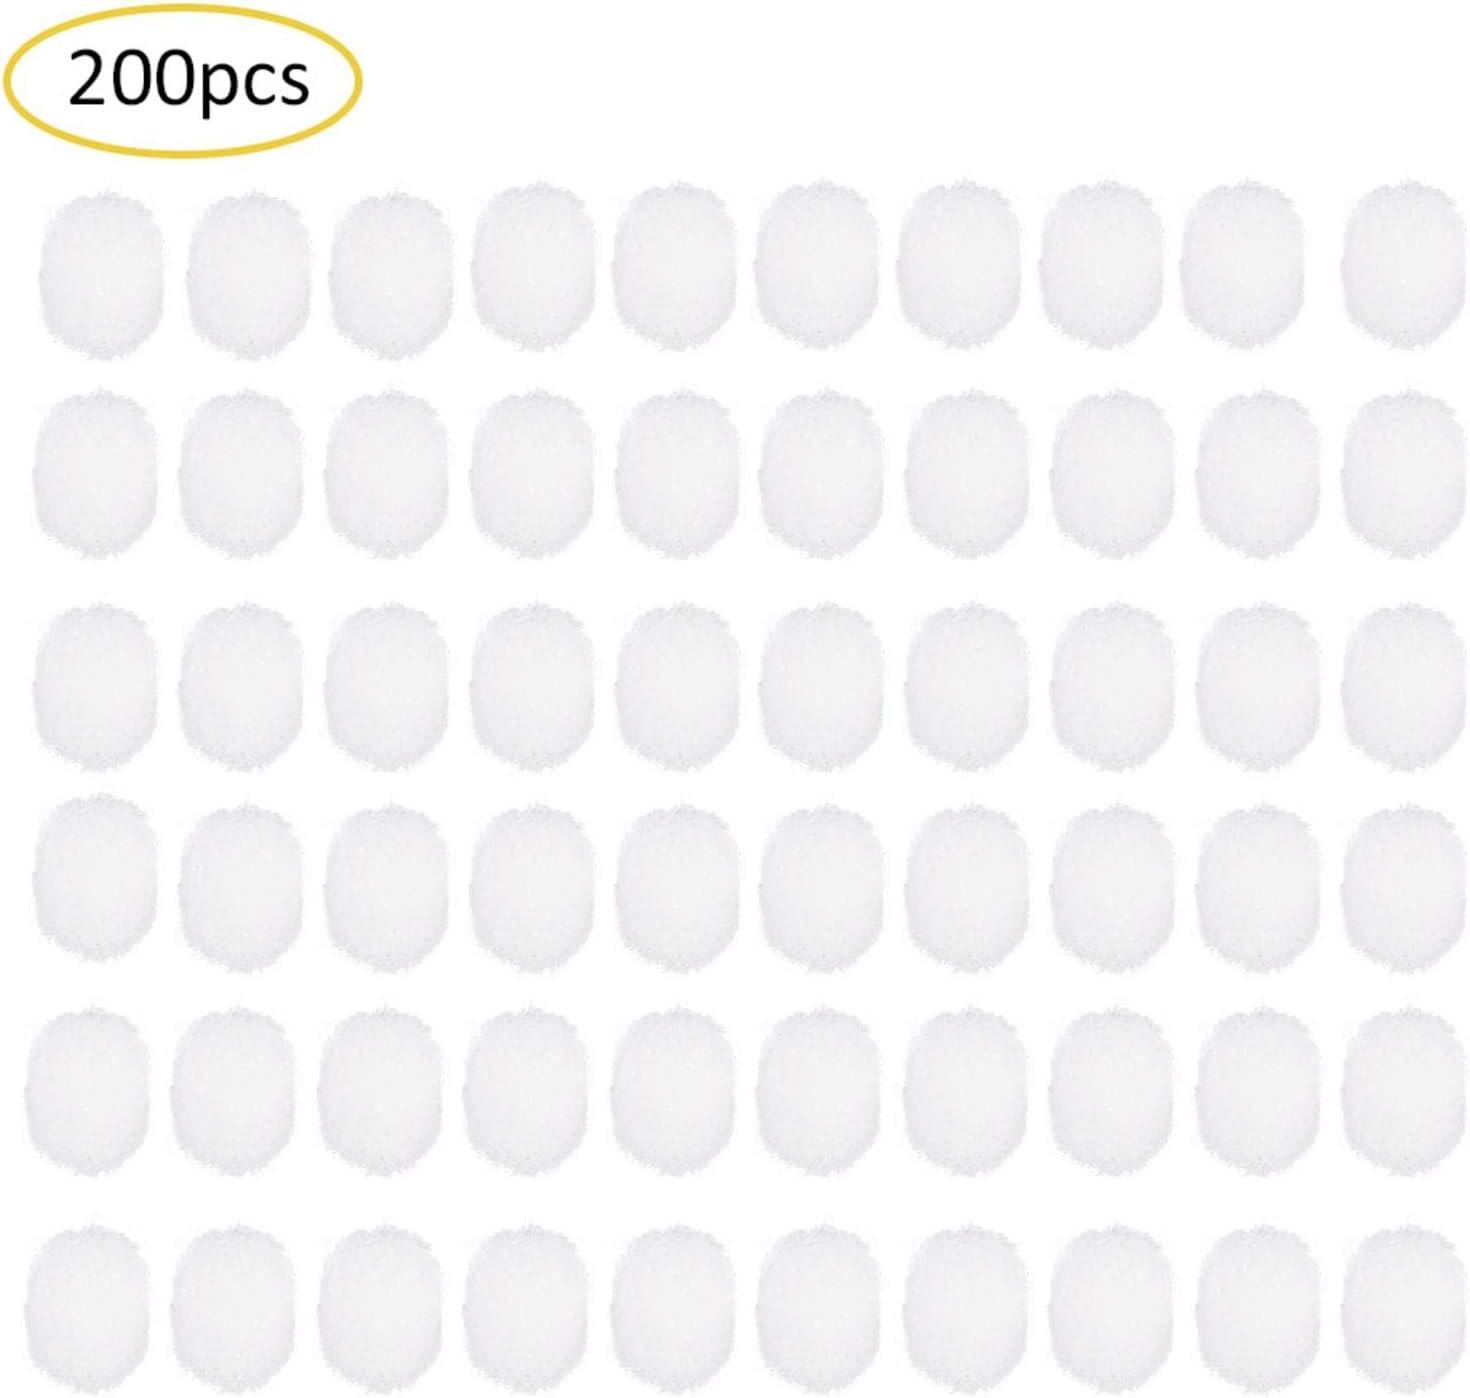 200PCS Coton Filtre Aspirateur Nasal B/éb/é Aspirateur Nasal Dispositif Jetable Filtre Coton Nez Nettoyant Accessoires D/égage Les Nez Bouch/és Rapidement Et En Douceur Remplacement Pour De Soin De